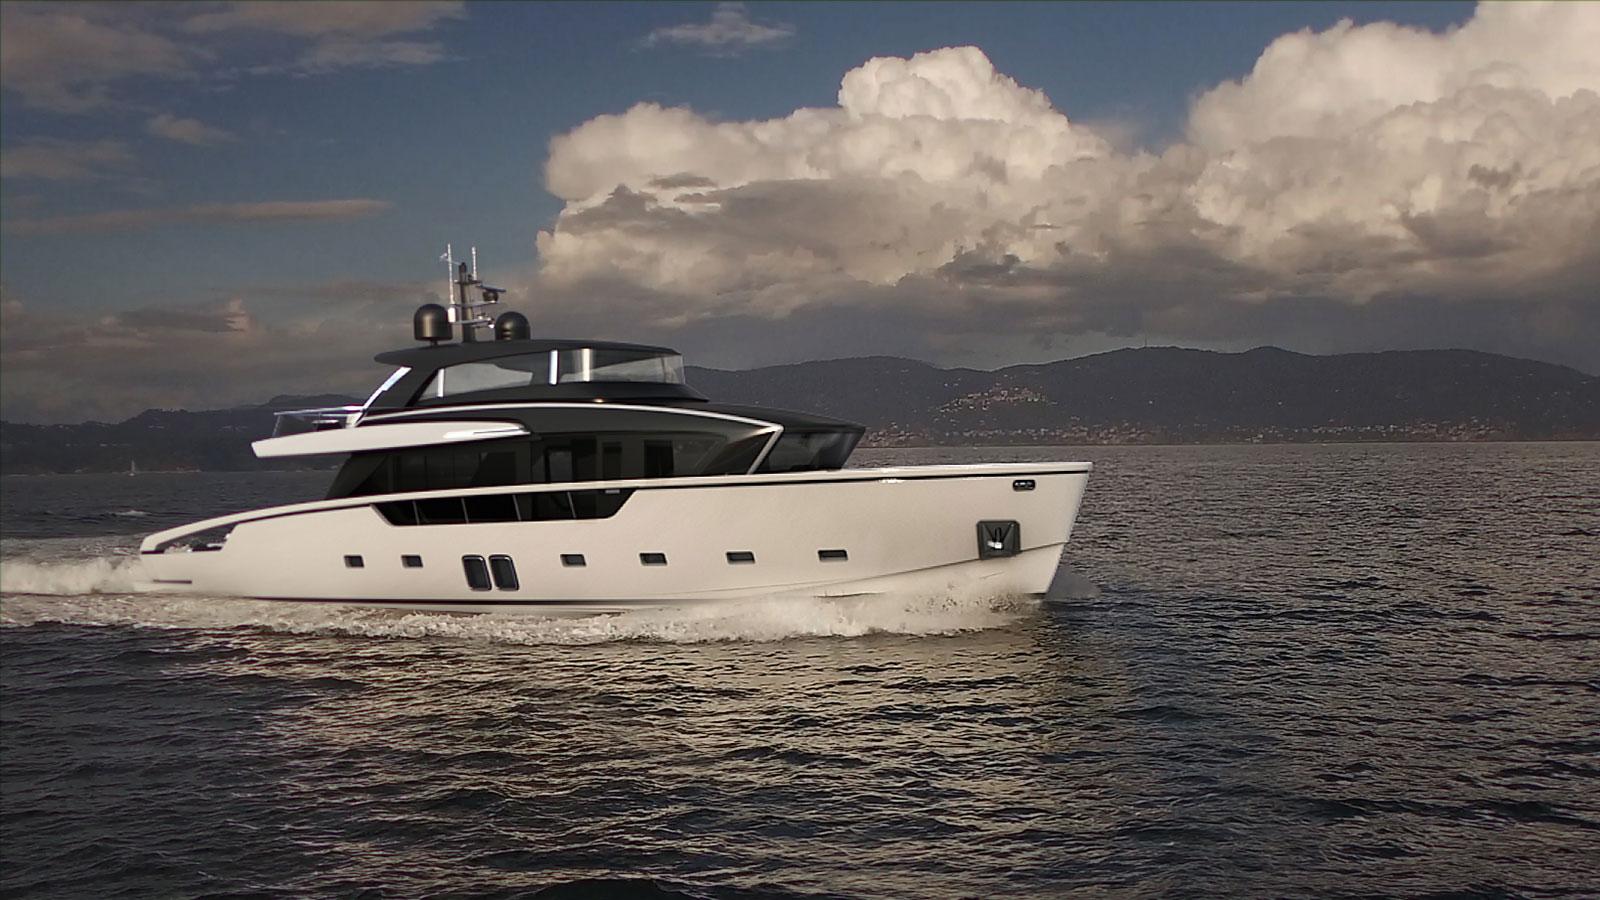 running-shot-of-the-sanlorenzo-sx88-yacht